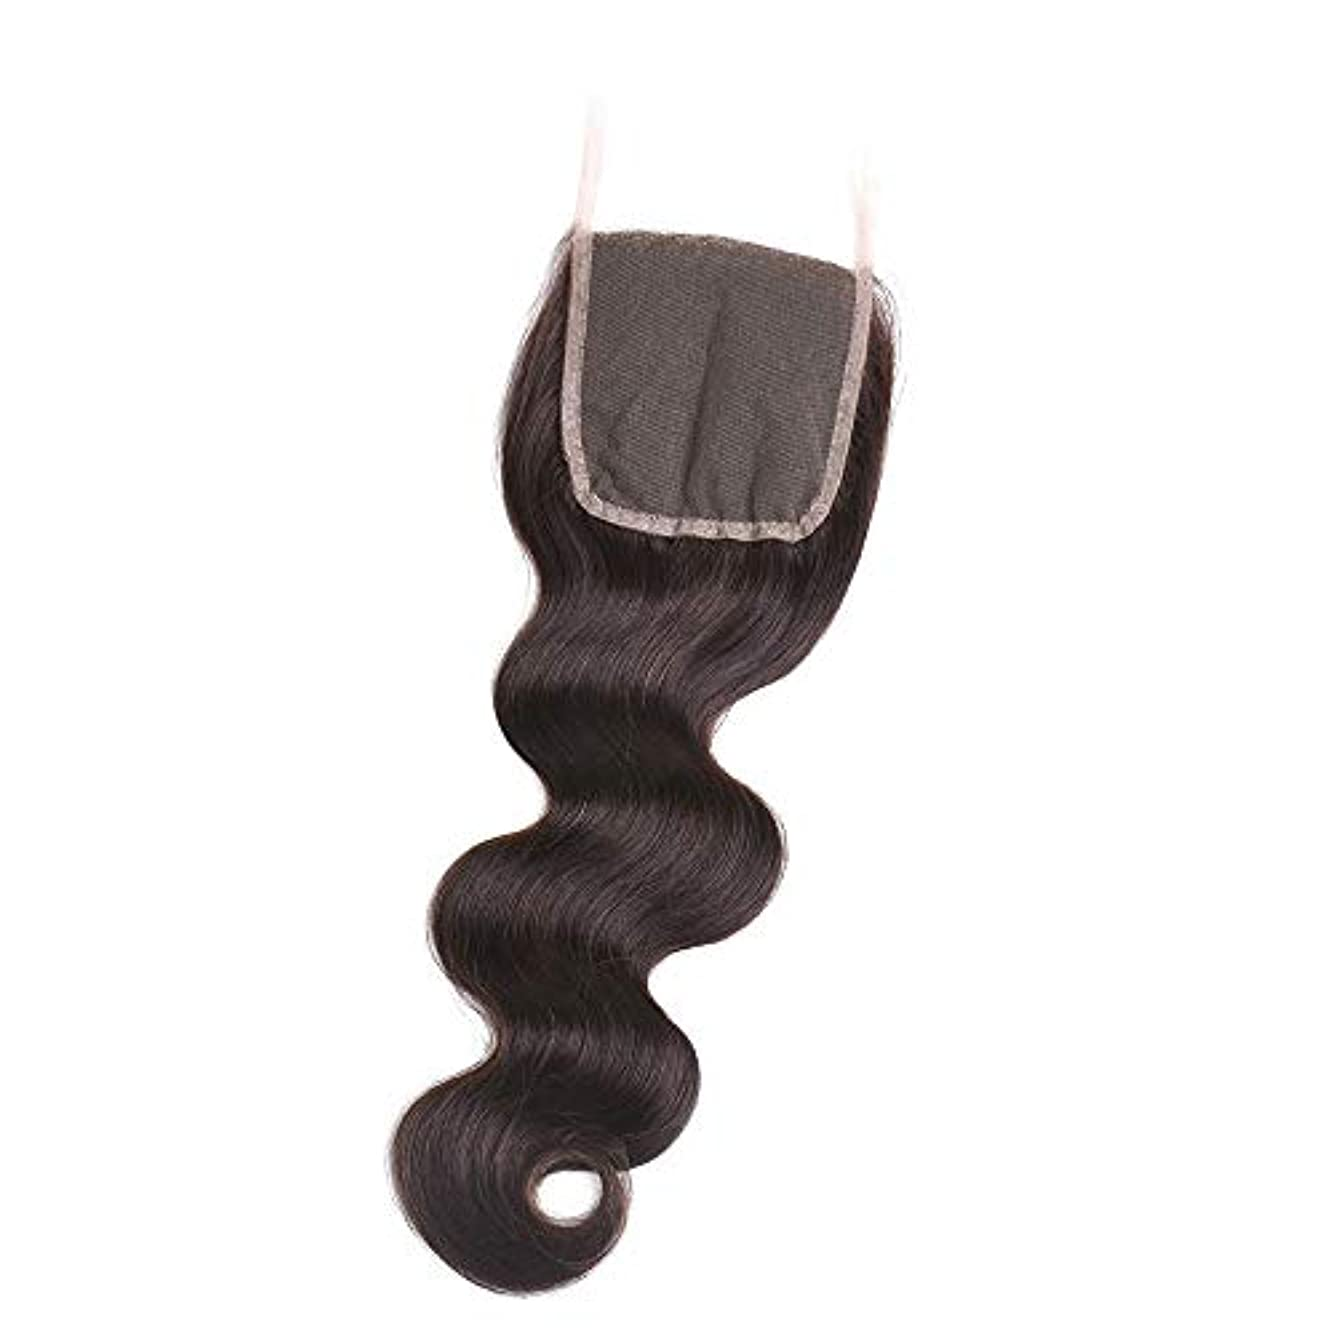 においセージ統治するHOHYLLYA フリーパート4×4インチ実体波レース前頭閉鎖ブラジル人間の髪の毛ロールプレイングかつら女性の自然なかつら (色 : 黒, サイズ : 18 inch)